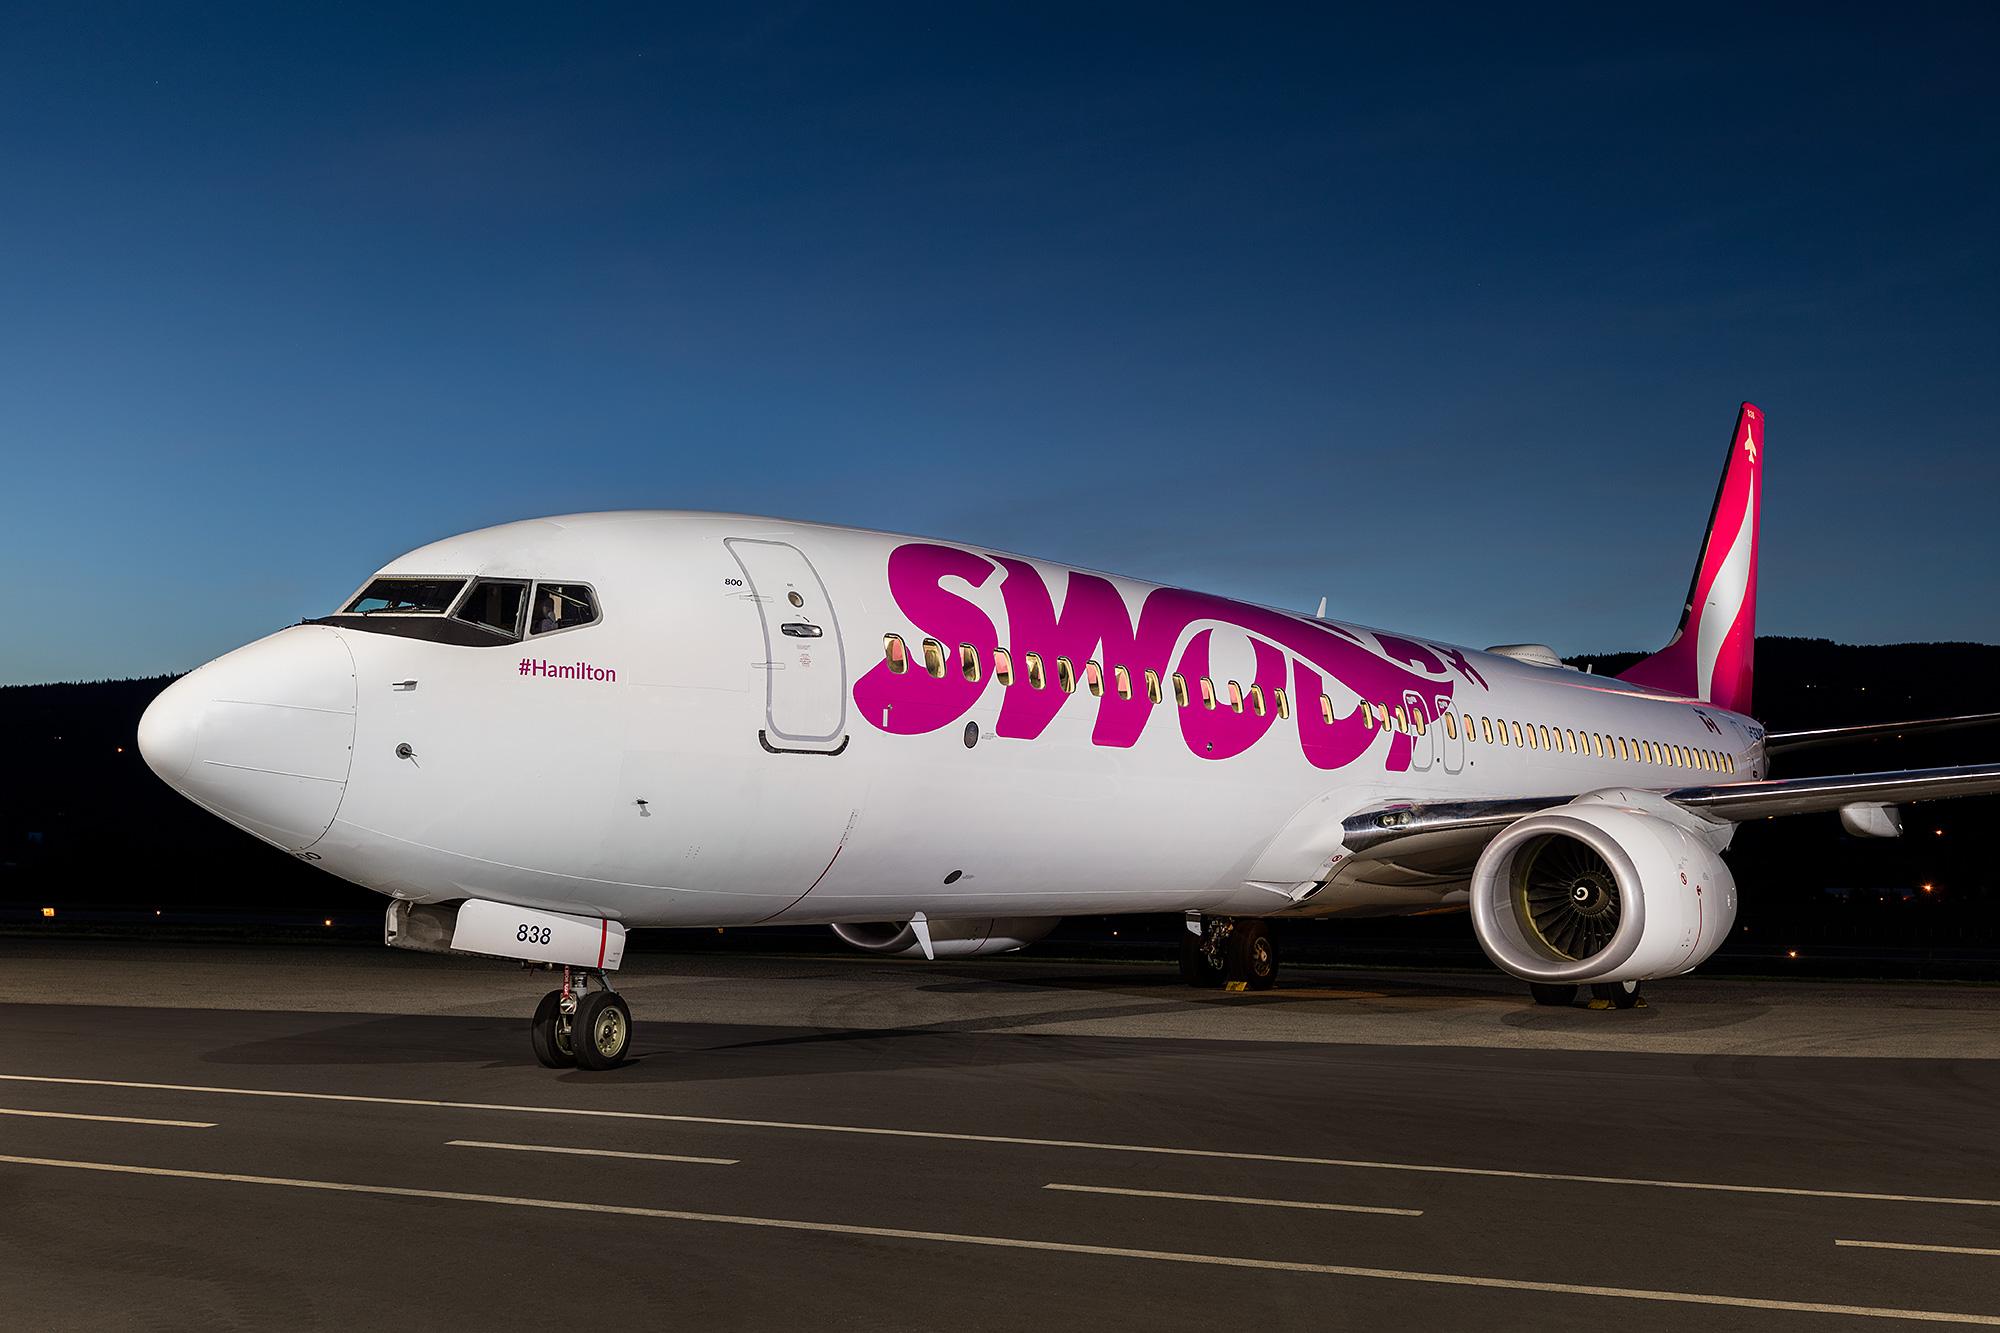 Swoop inaugura vuelos desde Edmonton a Cancún y Mazatlán